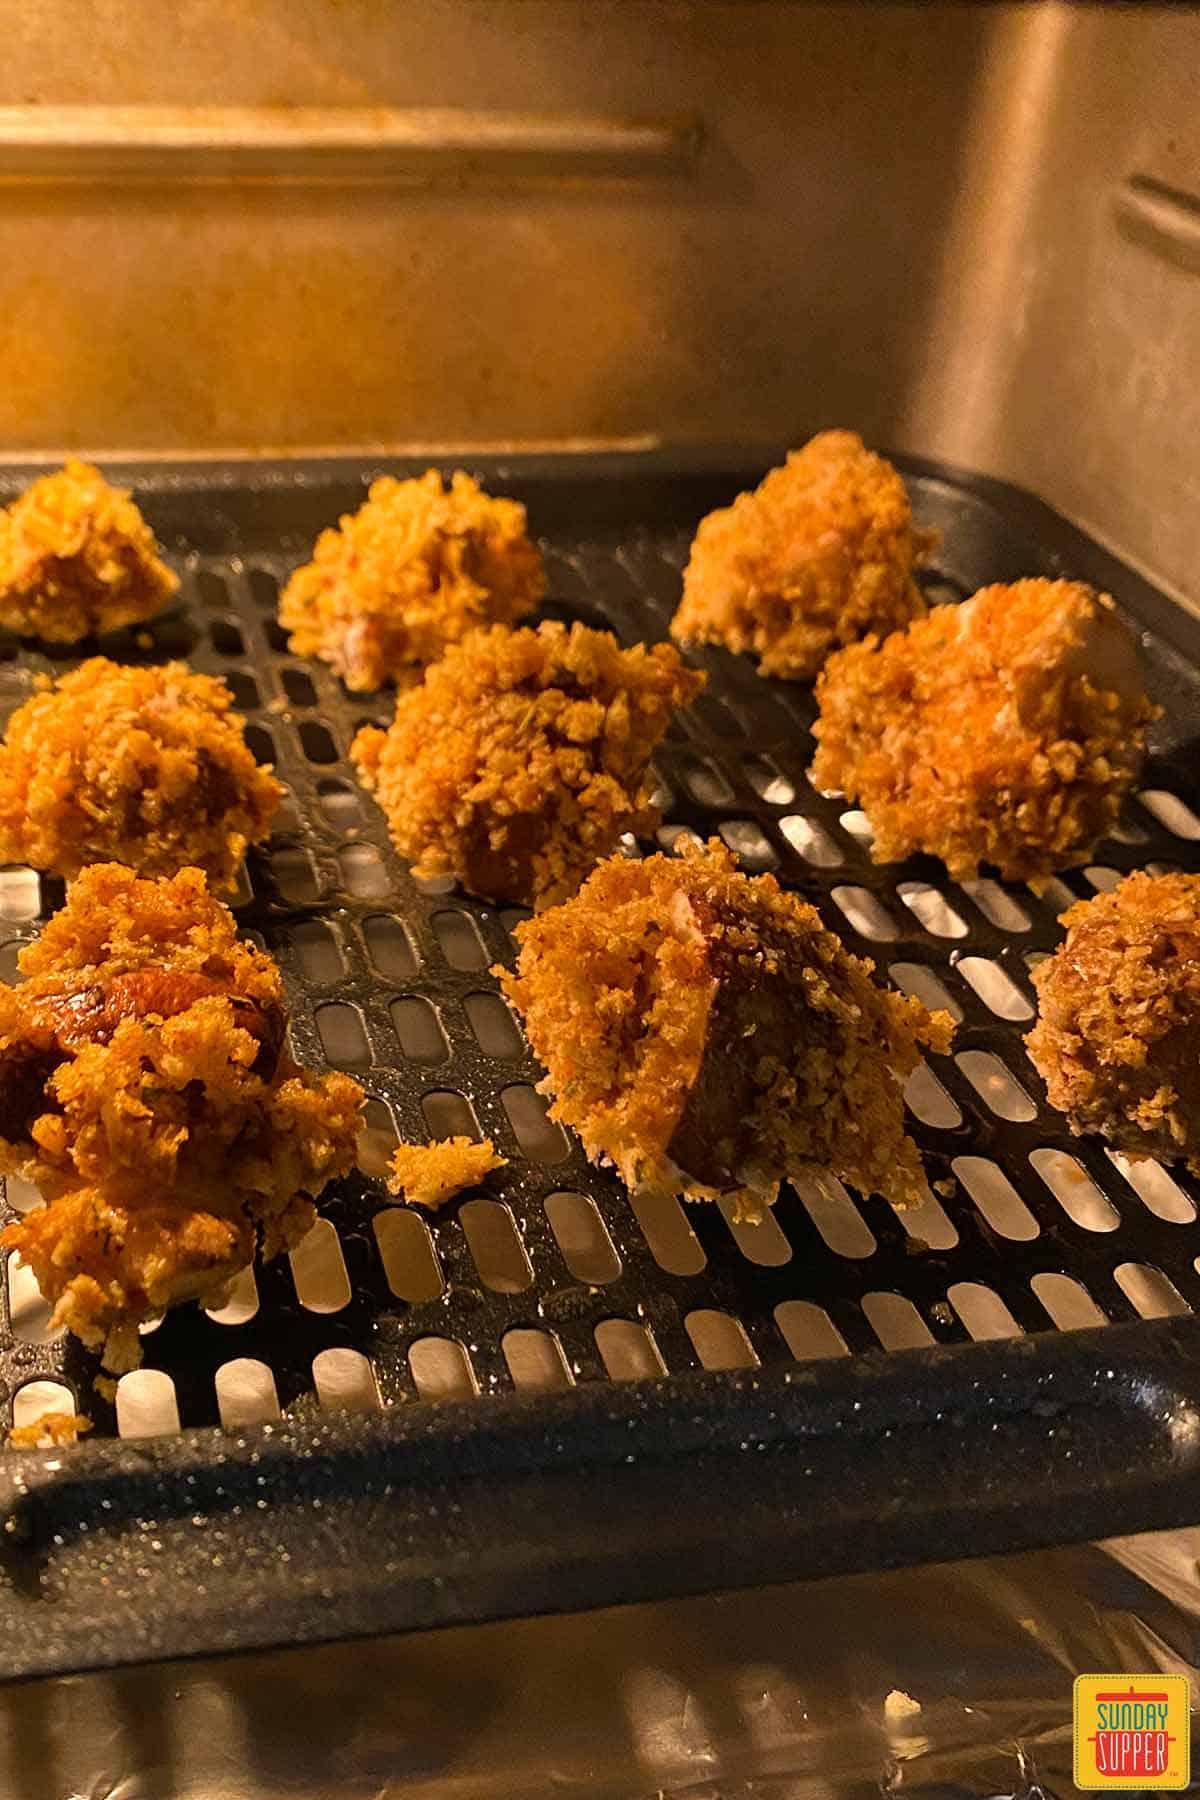 Air fryer mushrooms in the fryer on a rack